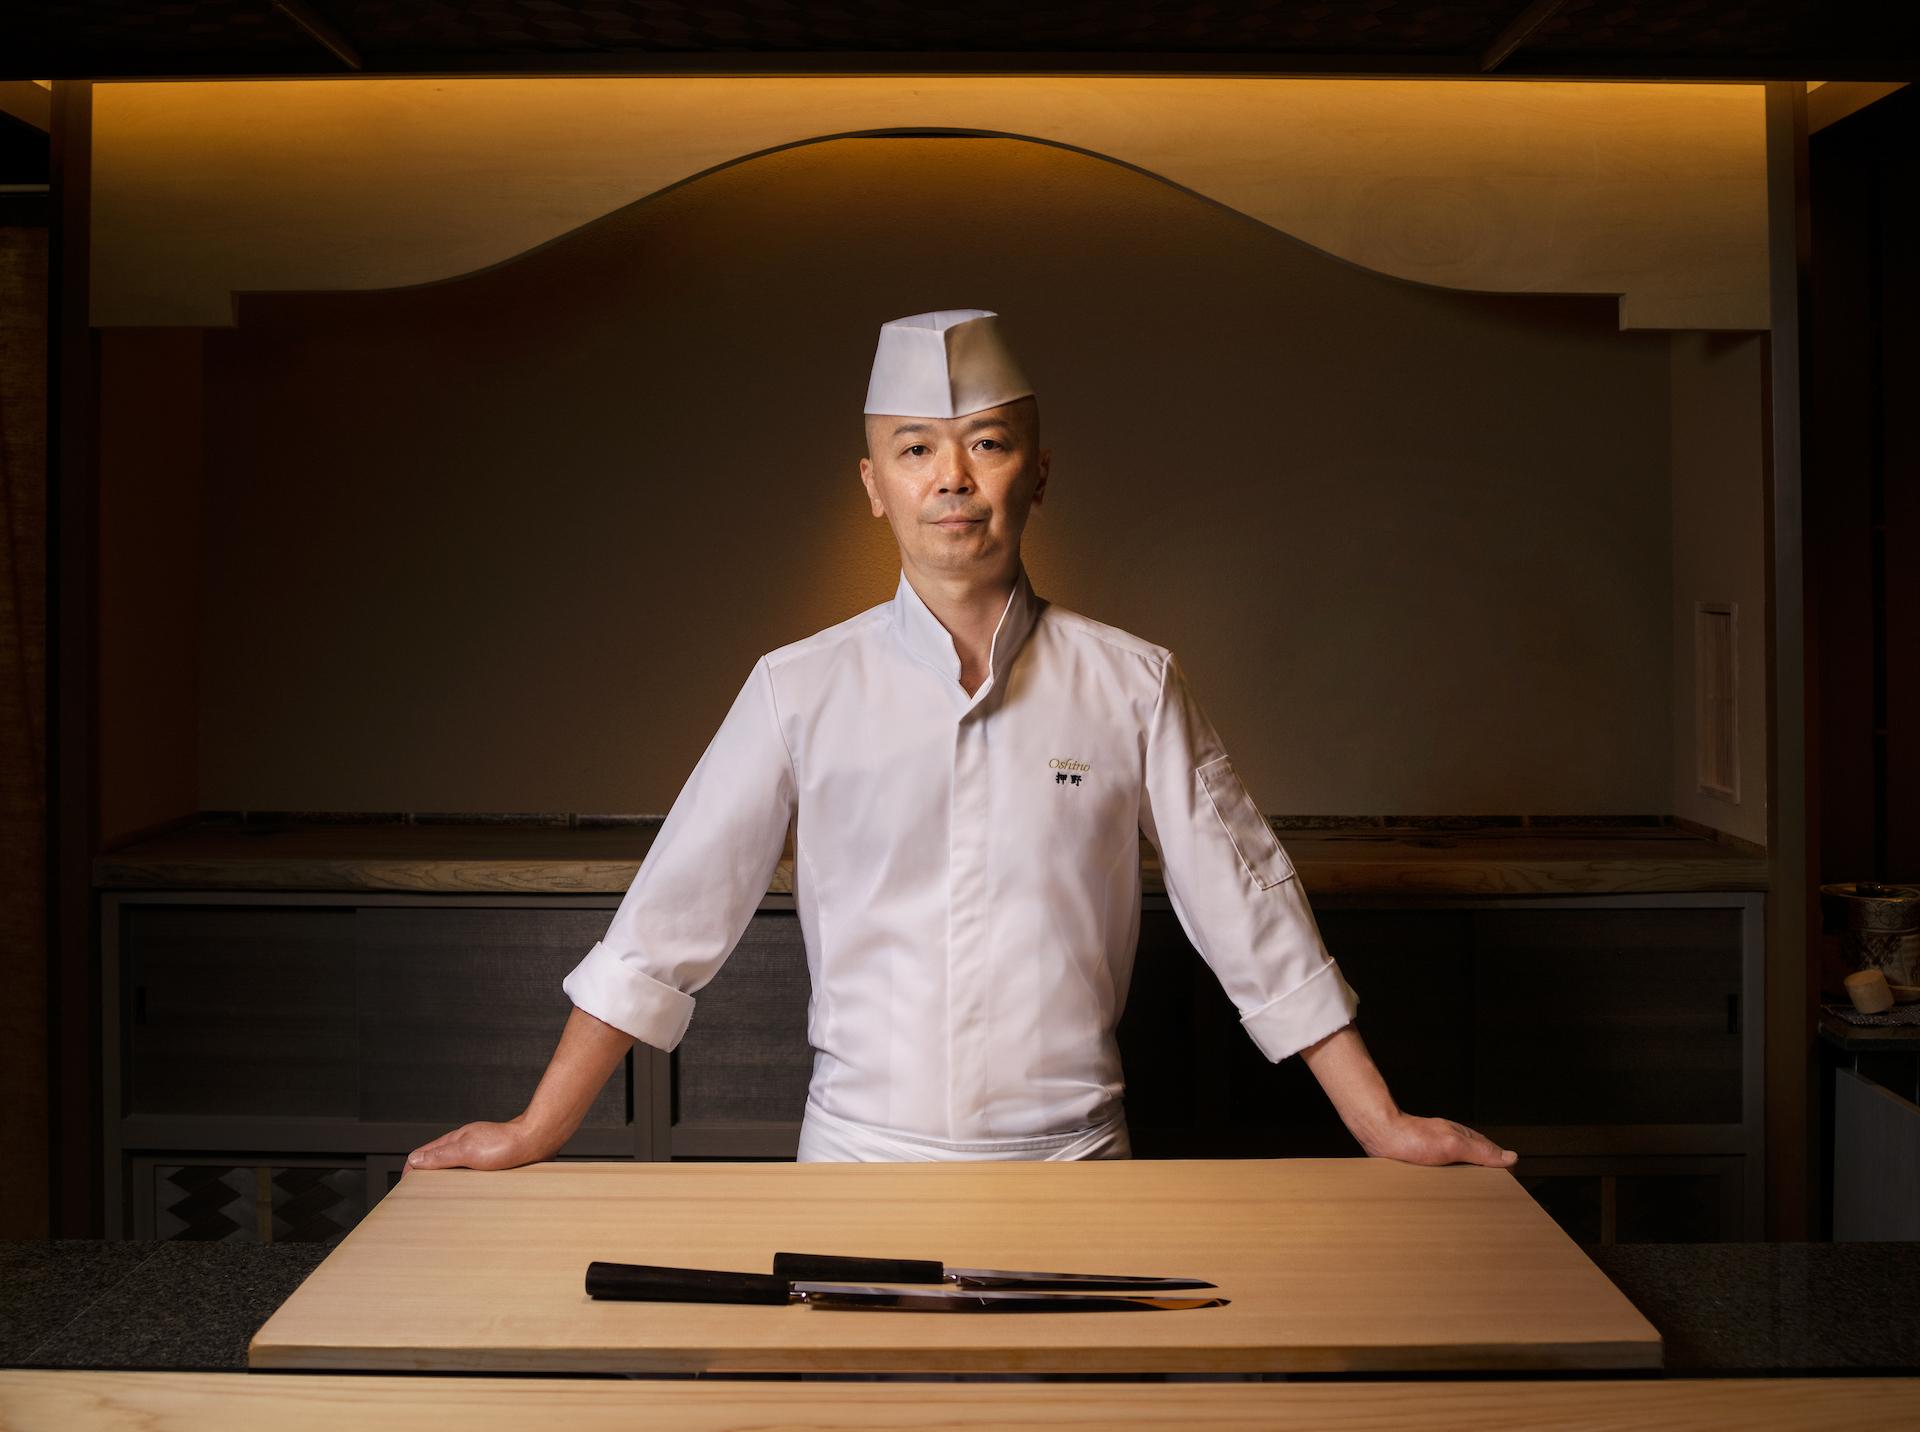 oshino_singapore_chef